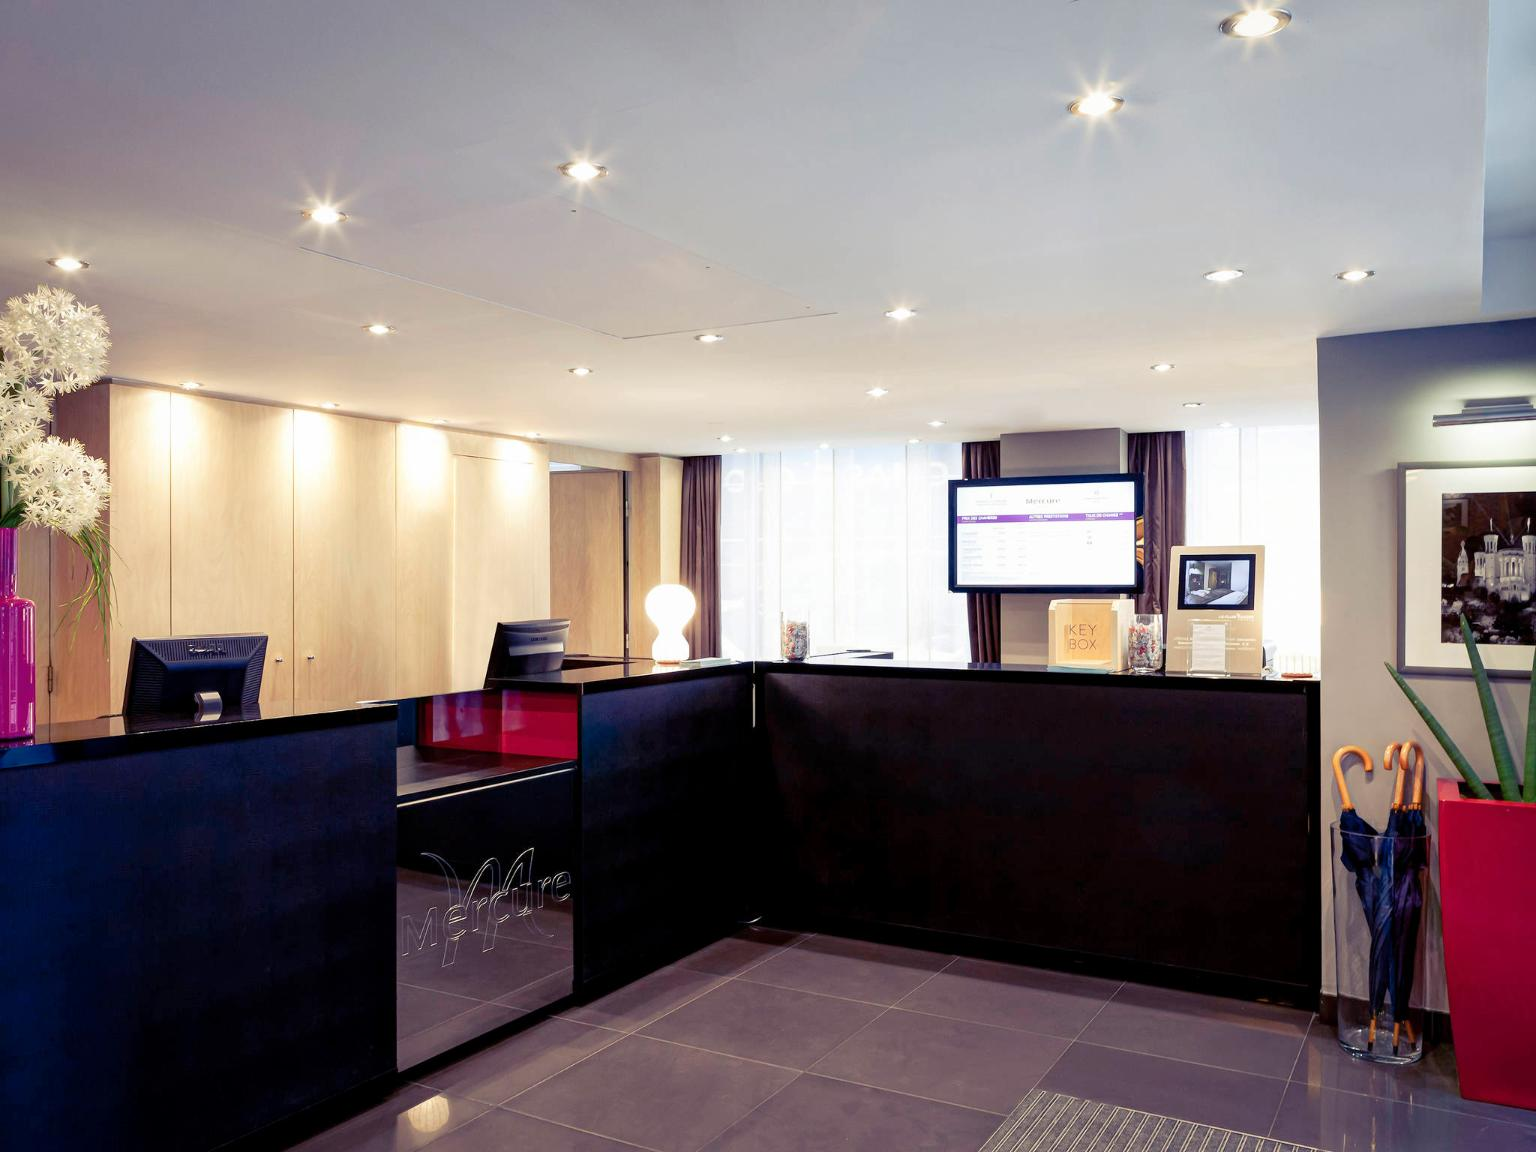 H tel mercure lyon centre plaza r publique h tel 5 rue for Hotels 69002 lyon